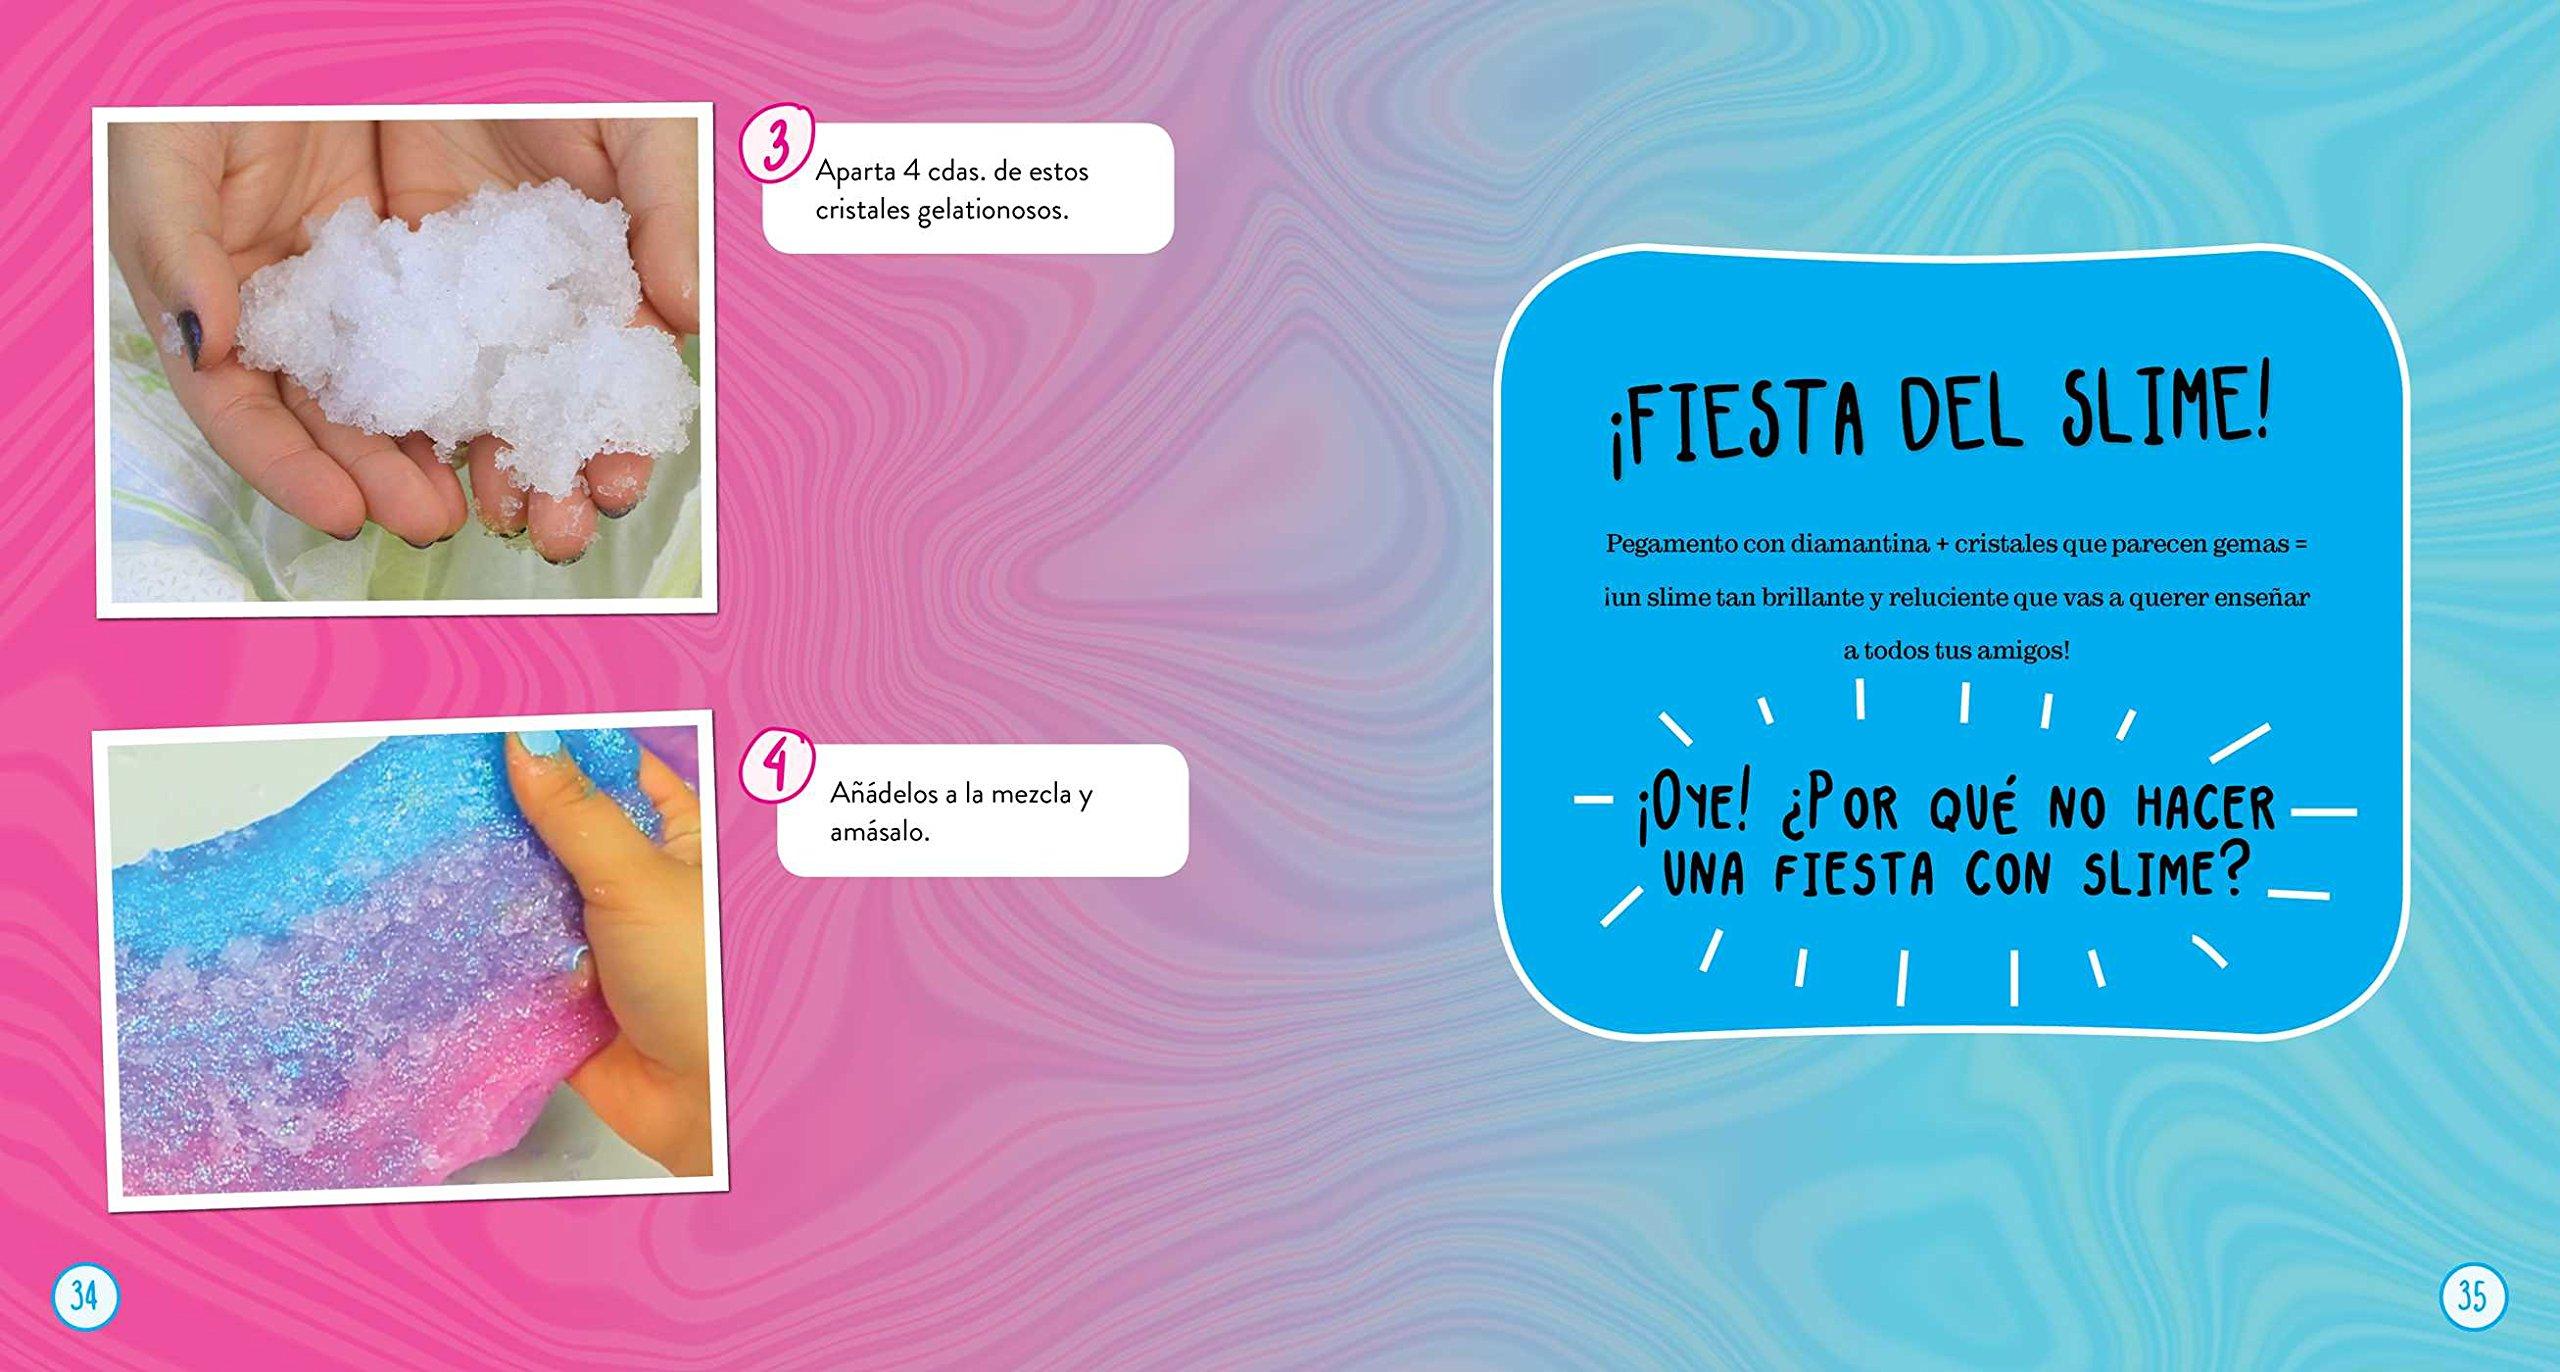 Slime DIY de Karina Garcia (Spanish Edition): Amazon.es: Karina Garcia, Laura Collado Piriz: Libros en idiomas extranjeros